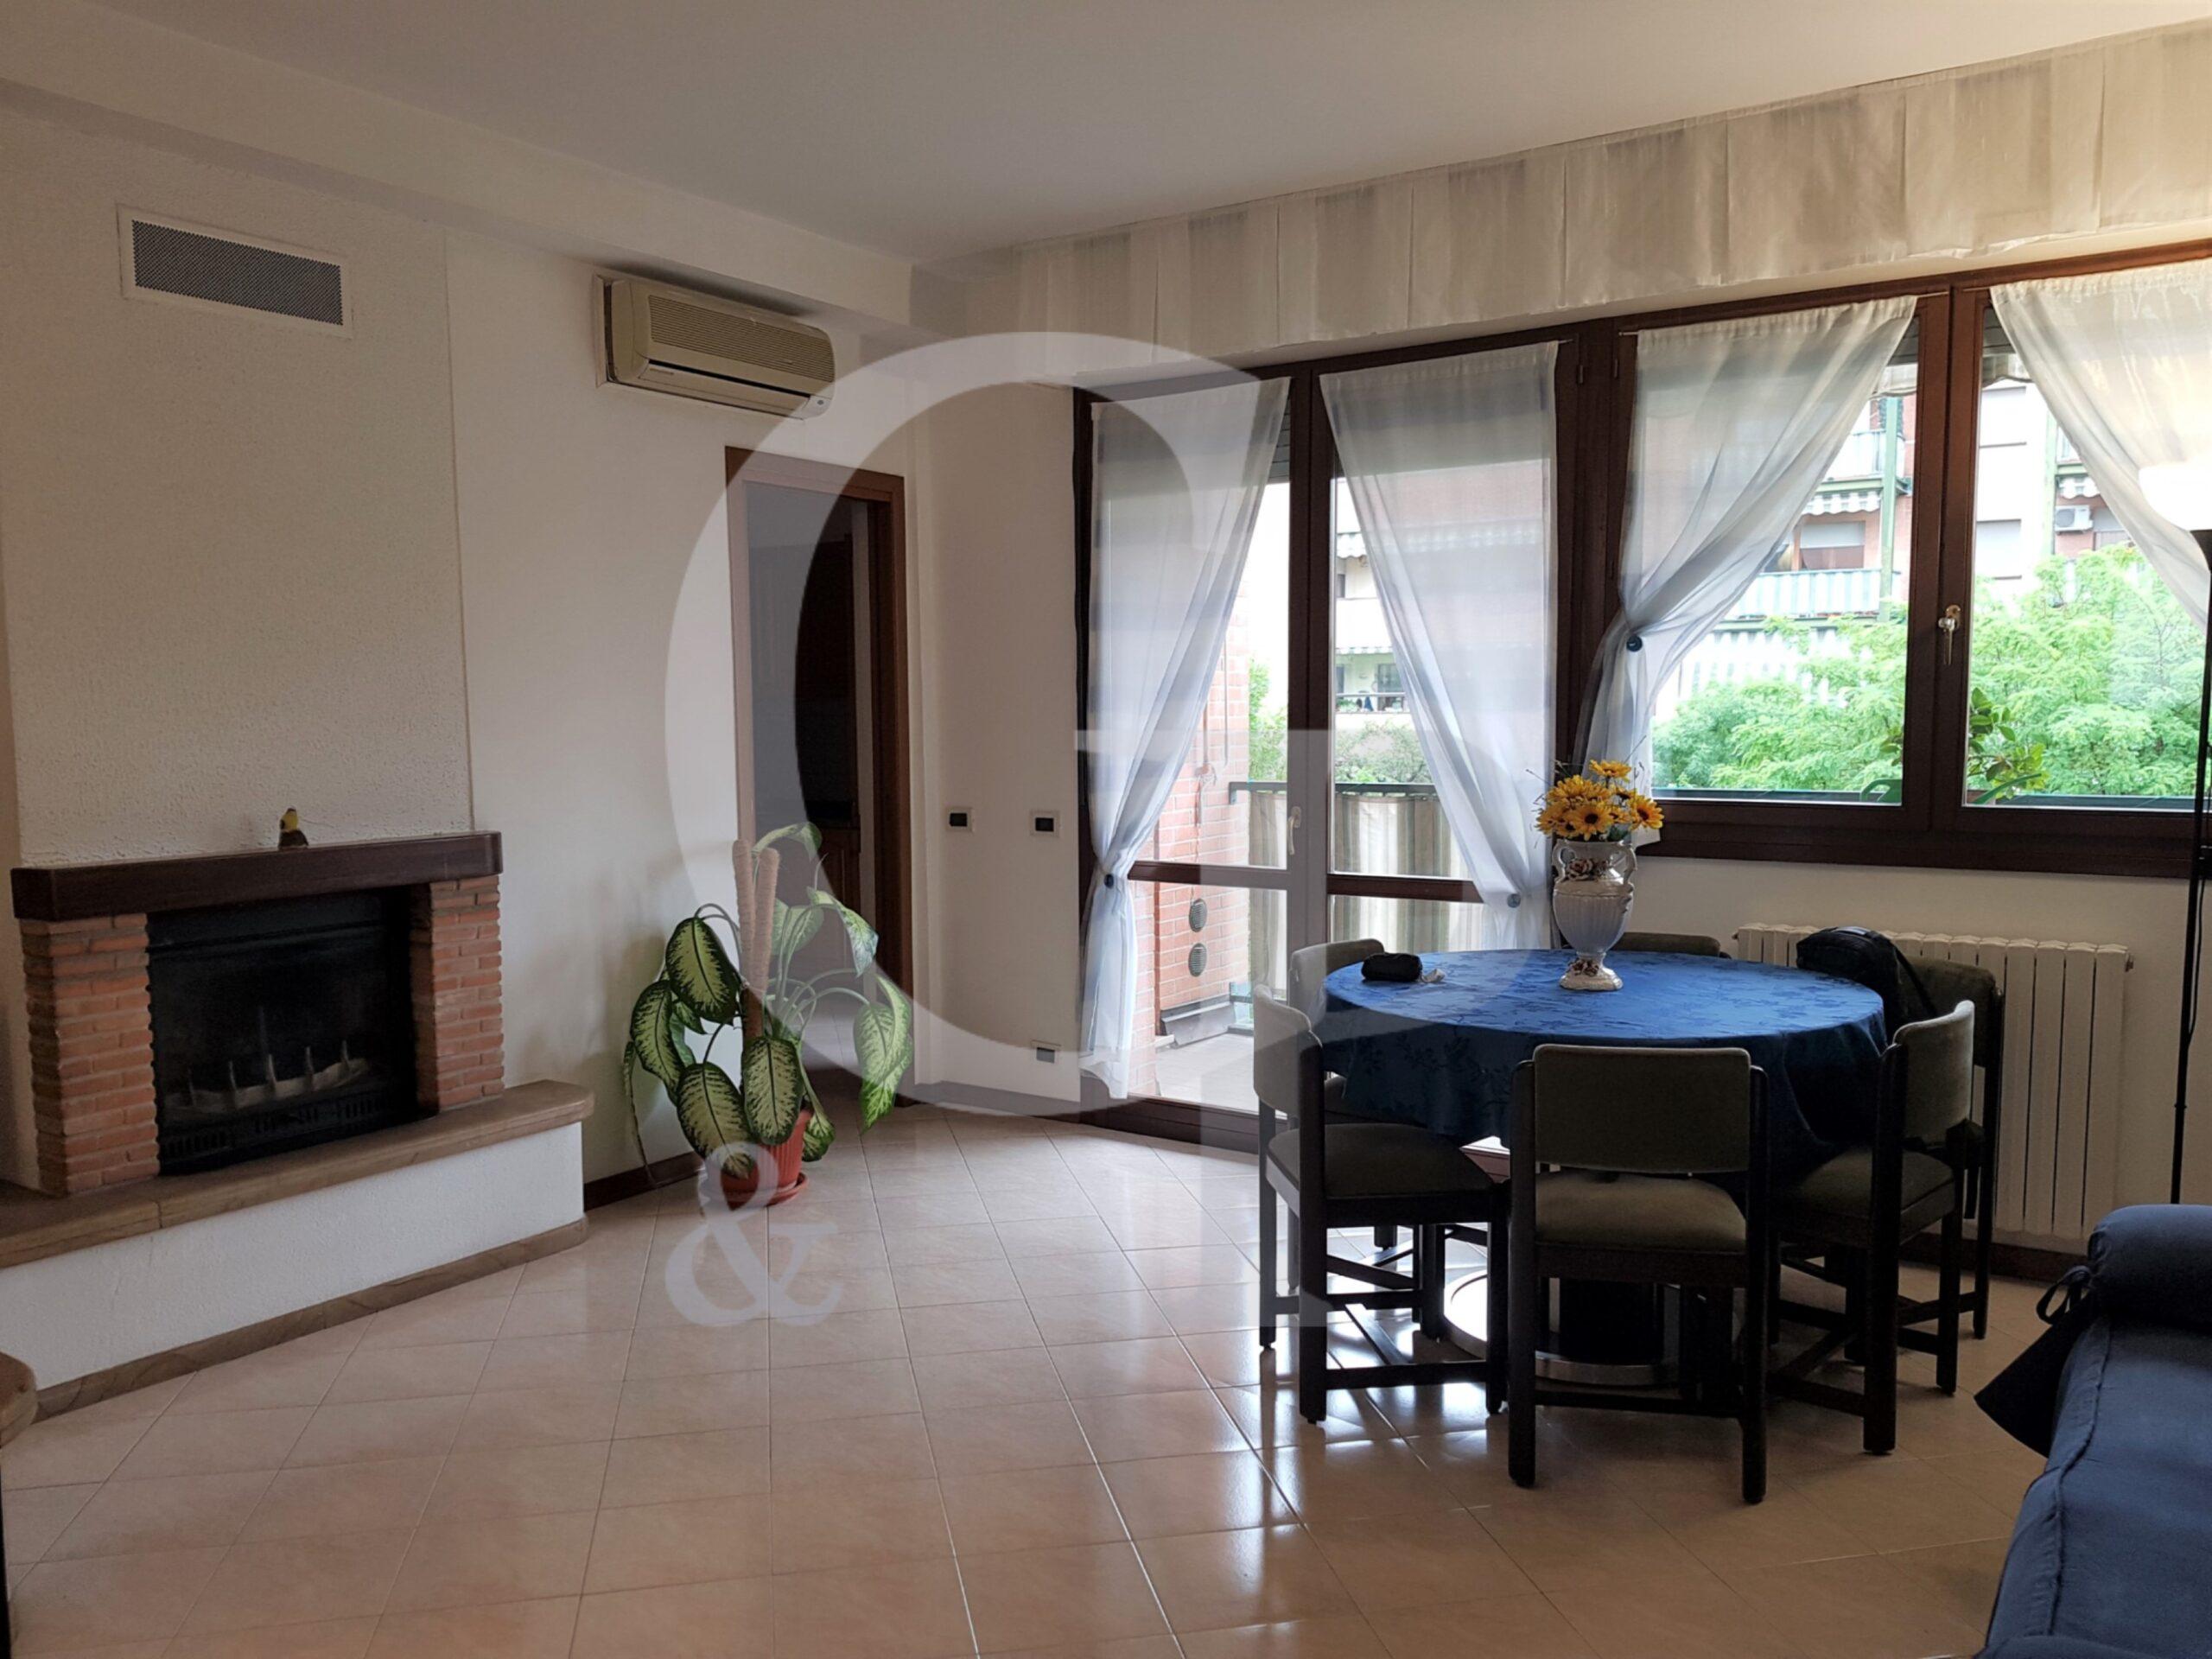 Bologna, Appartamento con terrazza (Via Bertocchi, Santa Viola) – Affitto